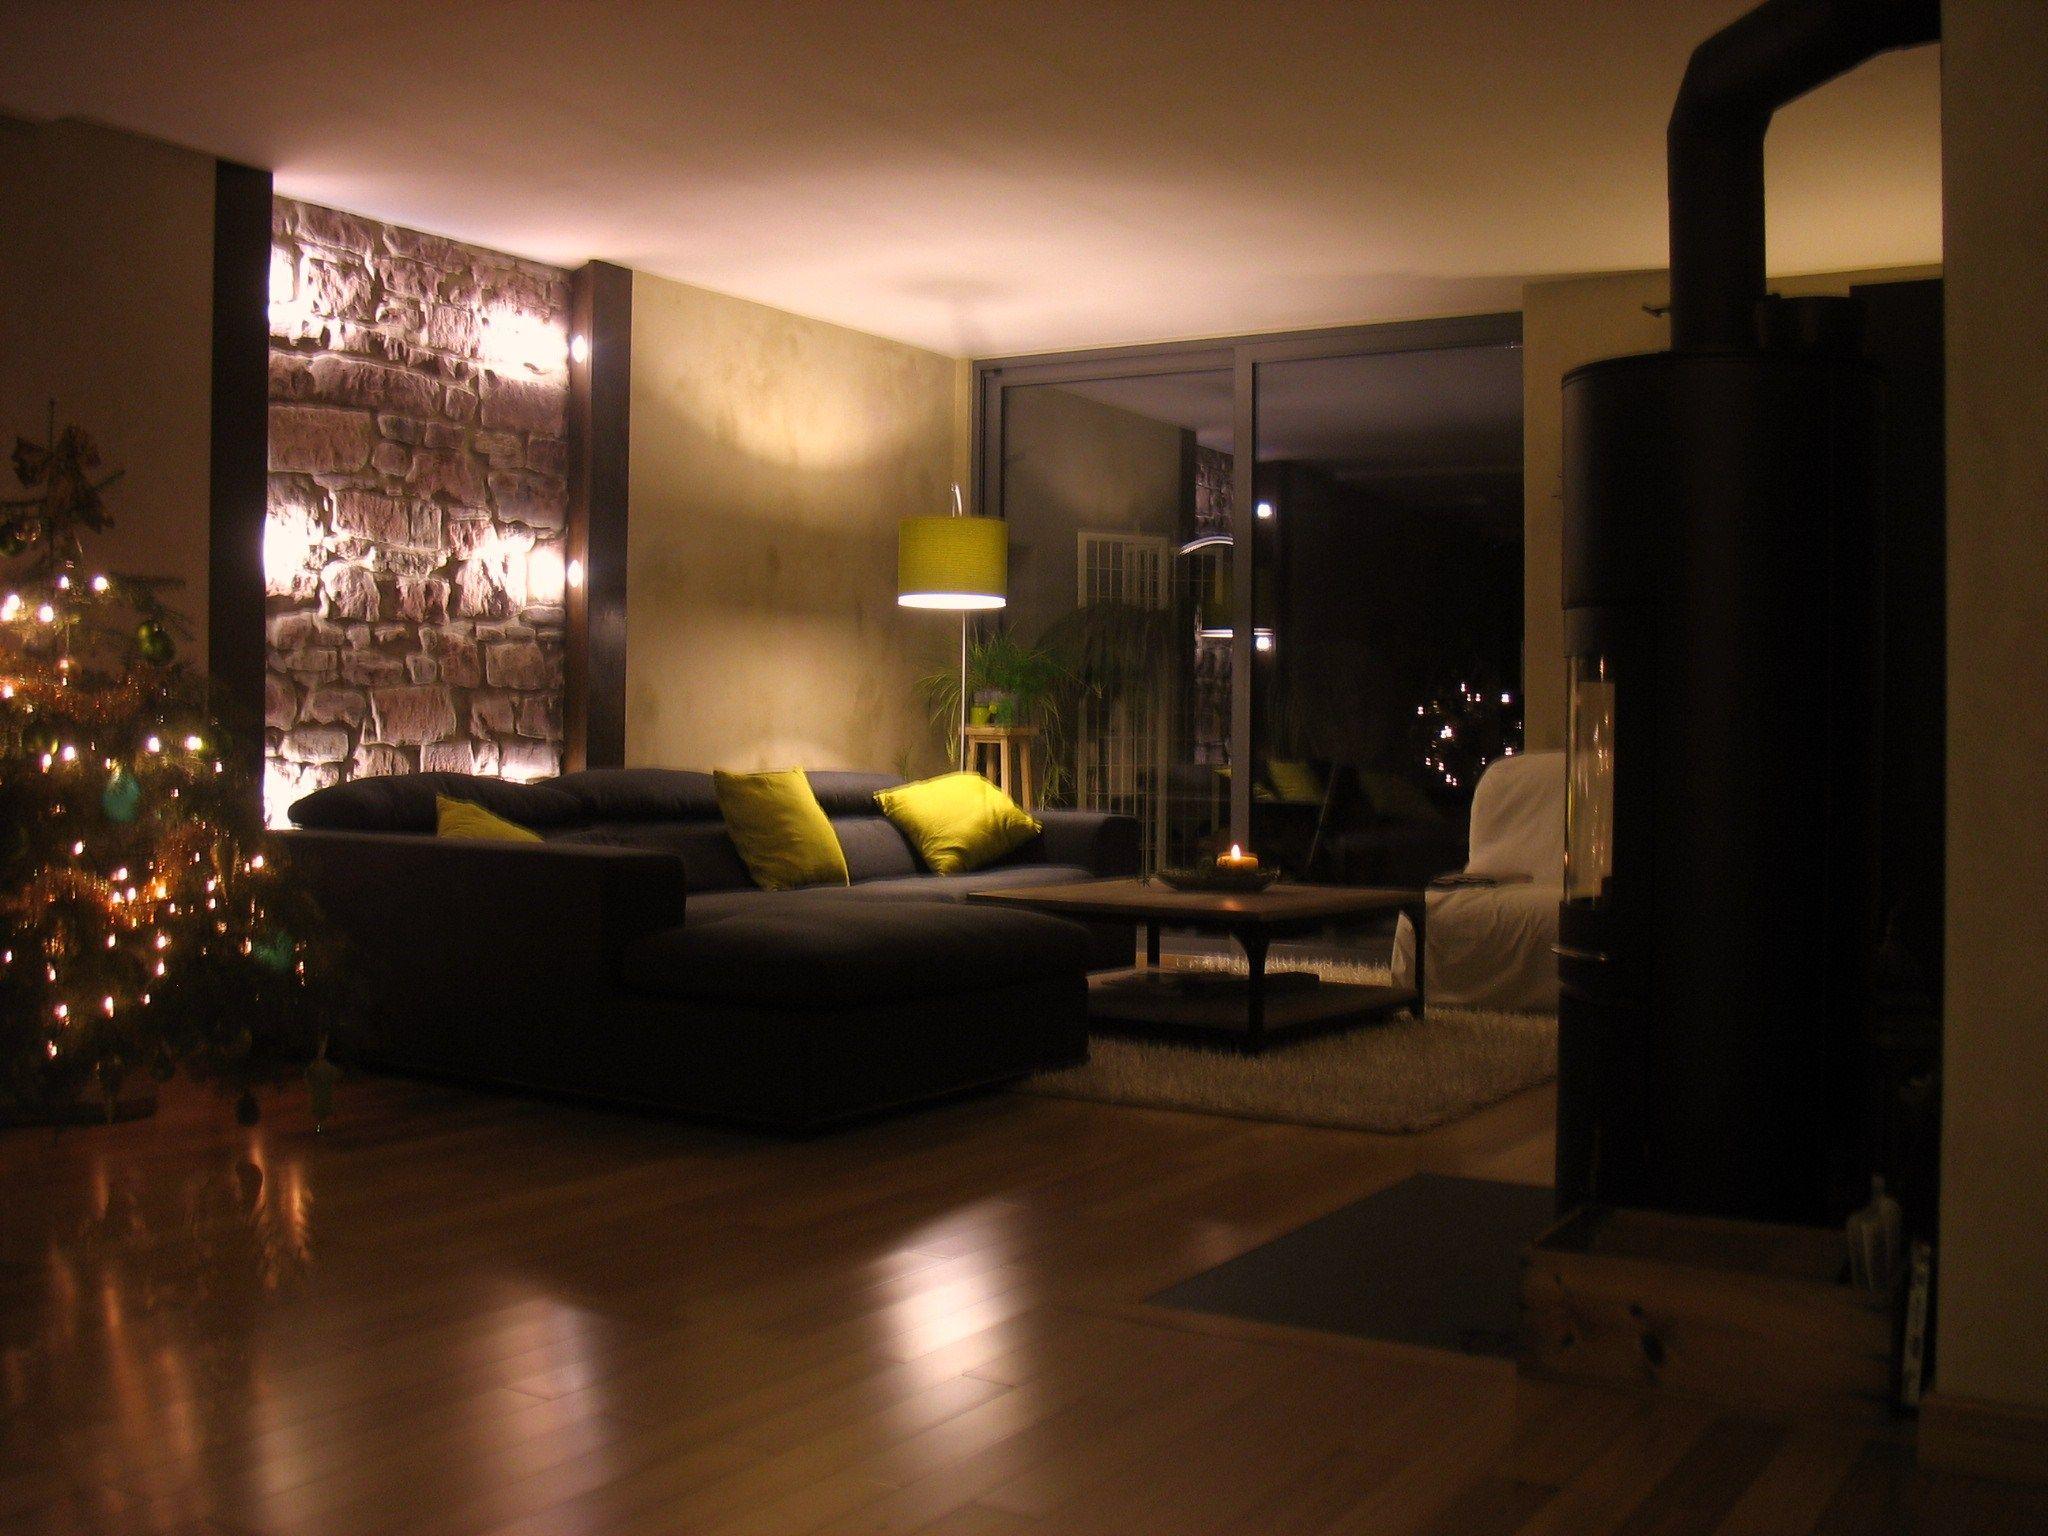 deco salon zen bambou - Recherche Google | Déco salon | Pinterest ...